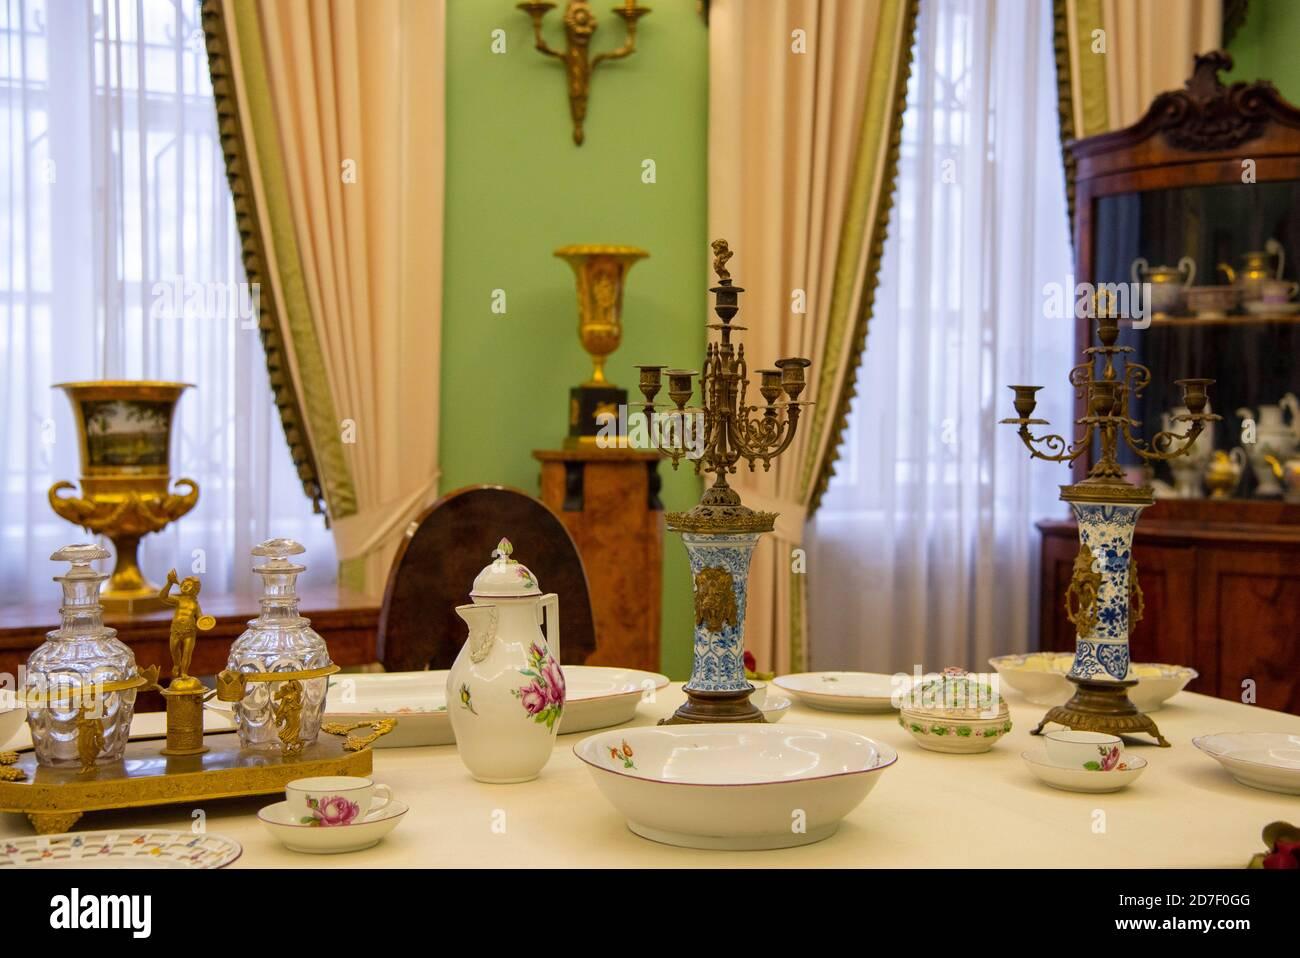 La salle du musée dans l'ancienne HOMESTEAD. Salon avec table pour l'arrivée des clients. Banque D'Images